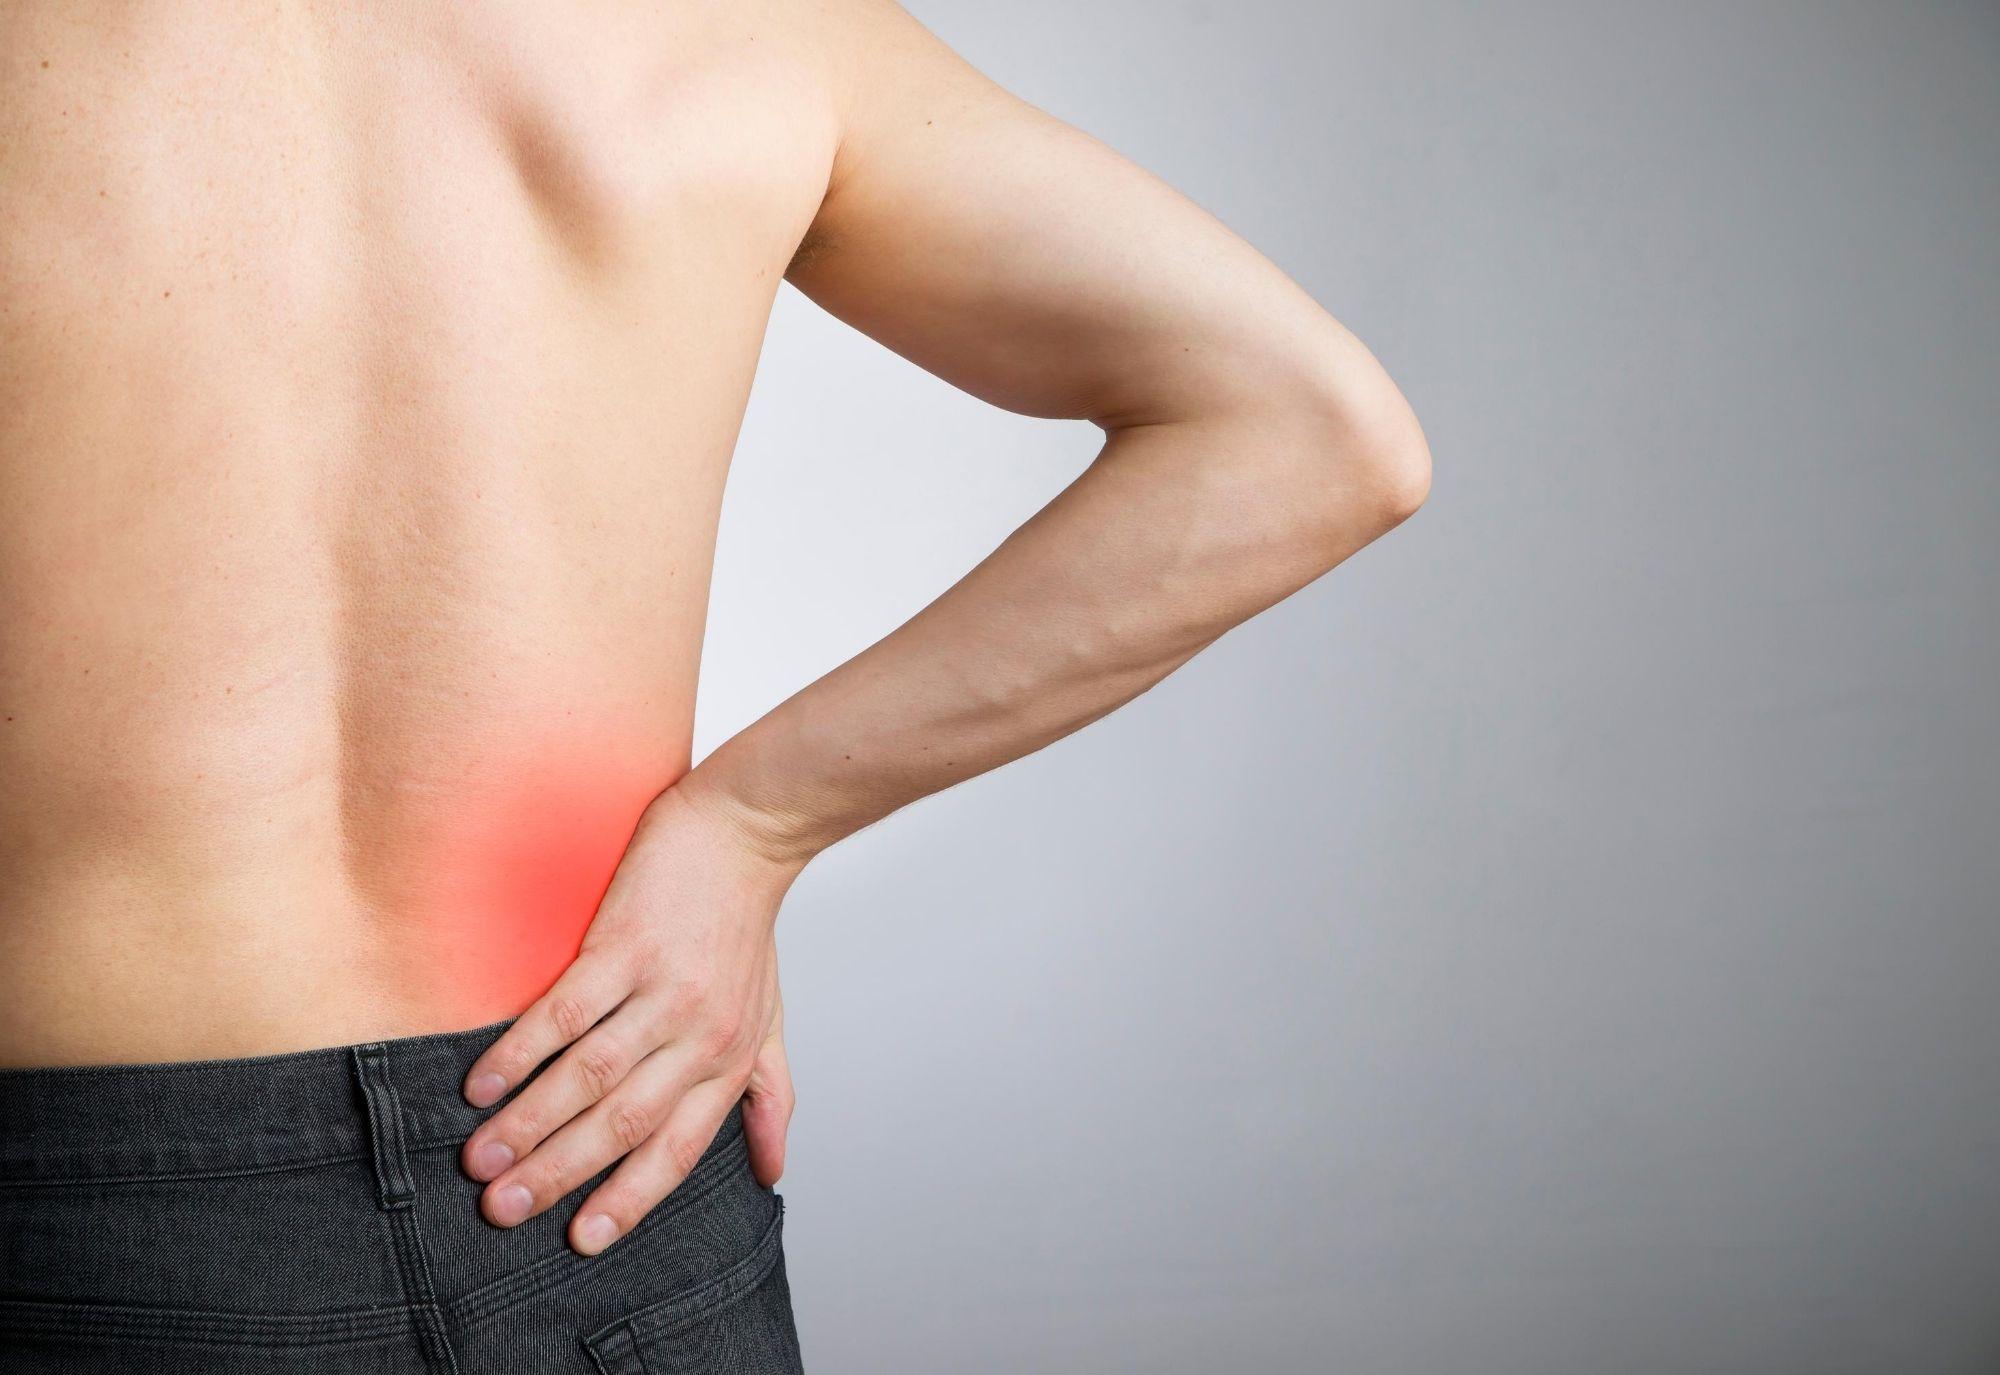 6 étirements pour soulager la douleur sciatique